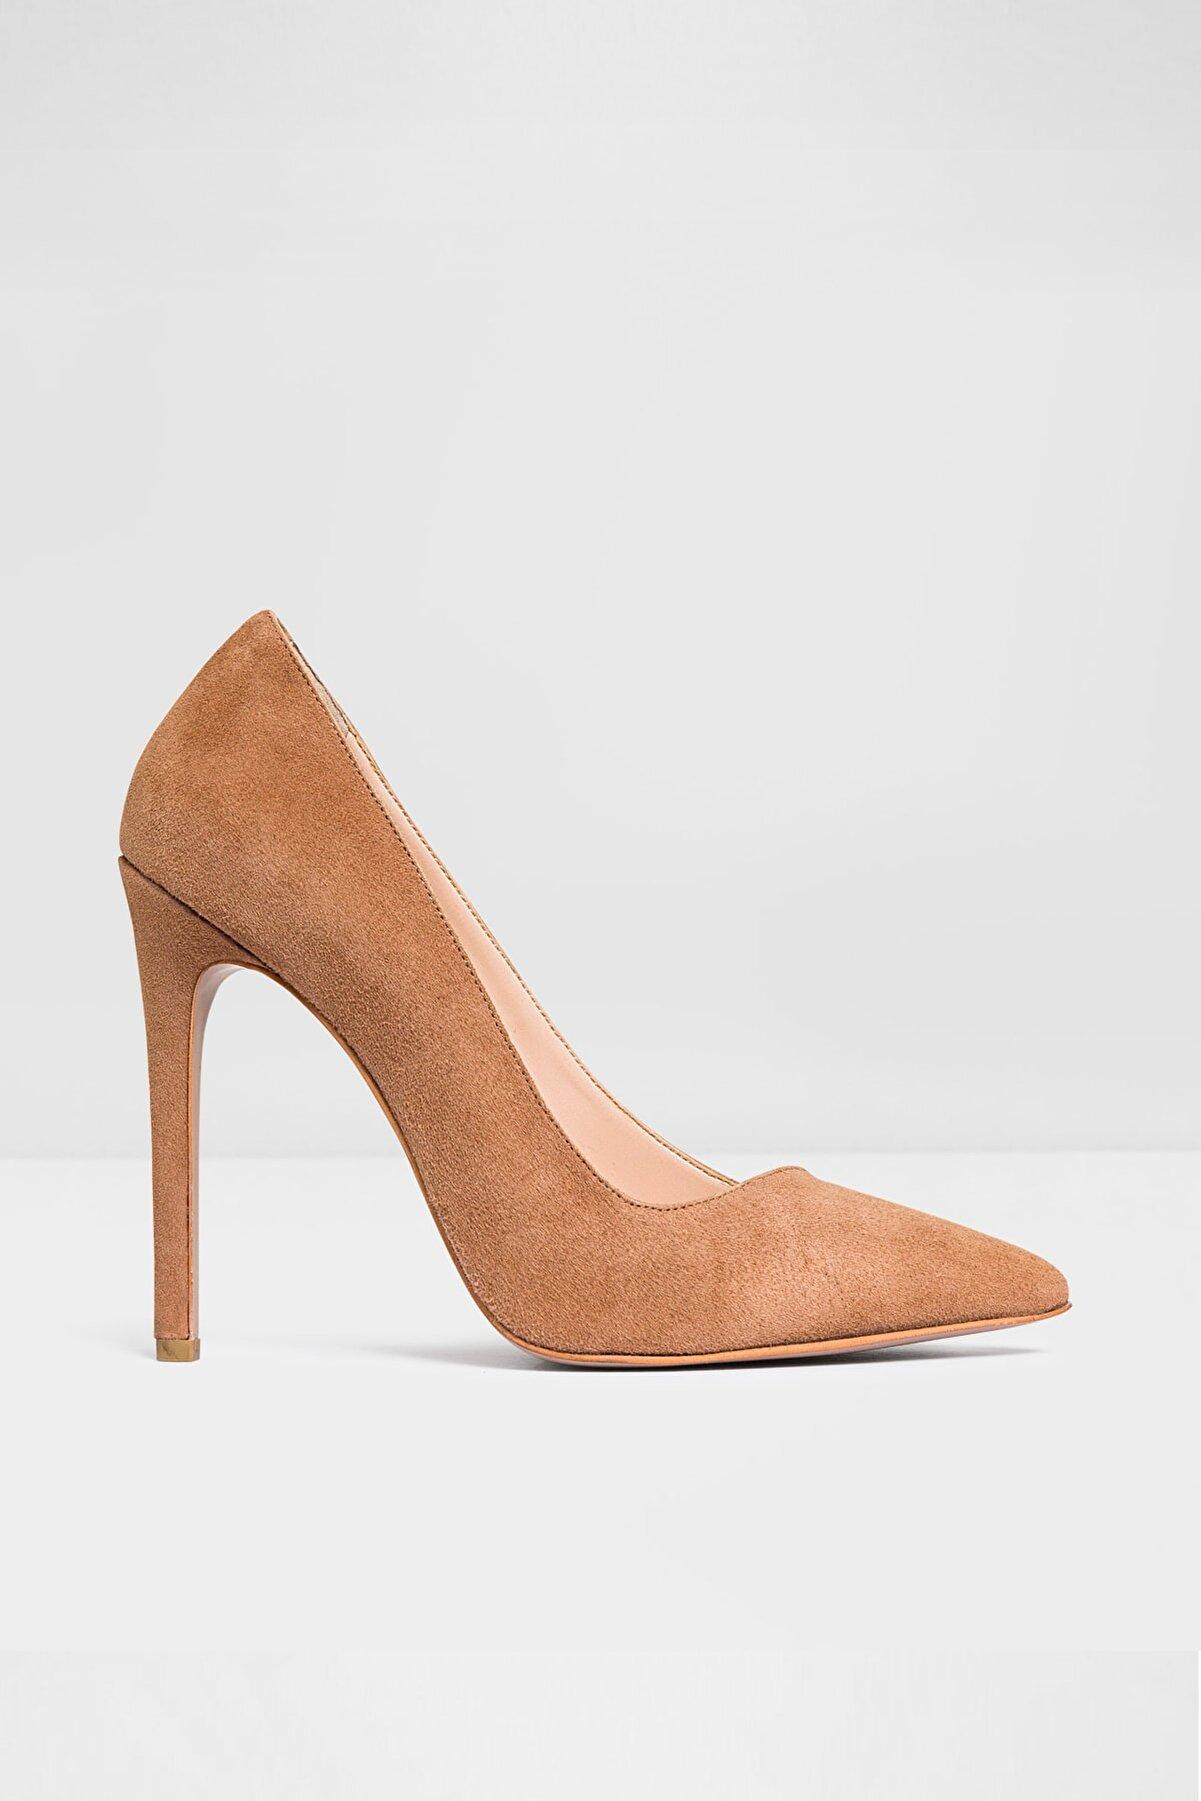 Aldo Kadın Taba Topuklu Ayakkabı